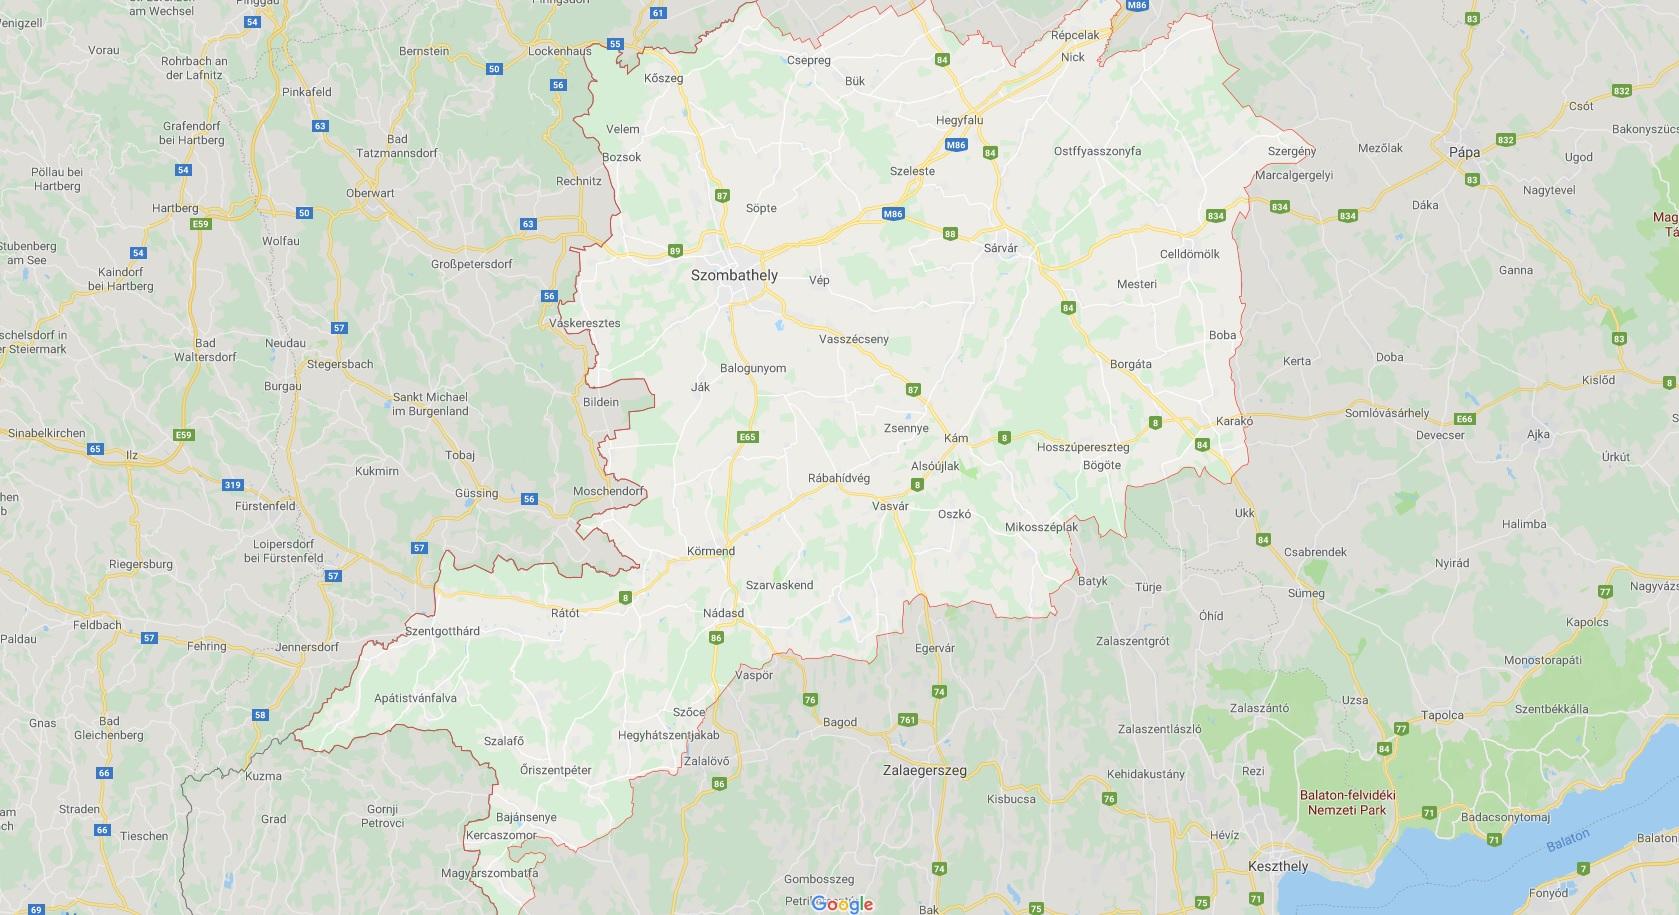 Meine Angelreviere im Komitat Vas in Ungarn